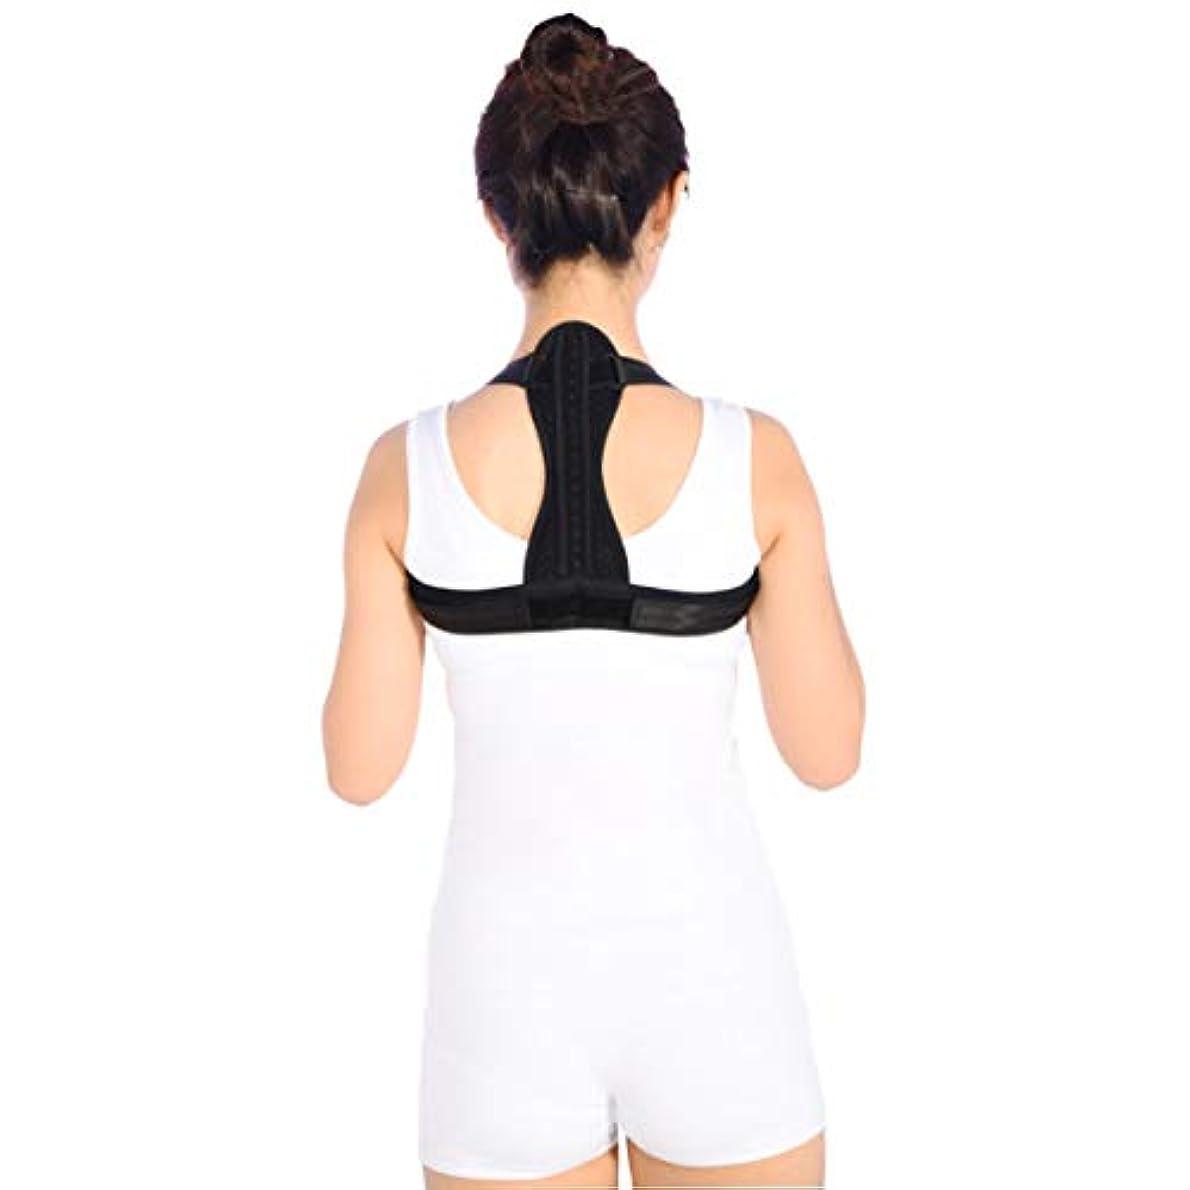 息切れ税金半島通気性の脊柱側弯症ザトウクジラ補正ベルト調節可能な快適さ目に見えないベルト男性女性大人学生子供 - 黒